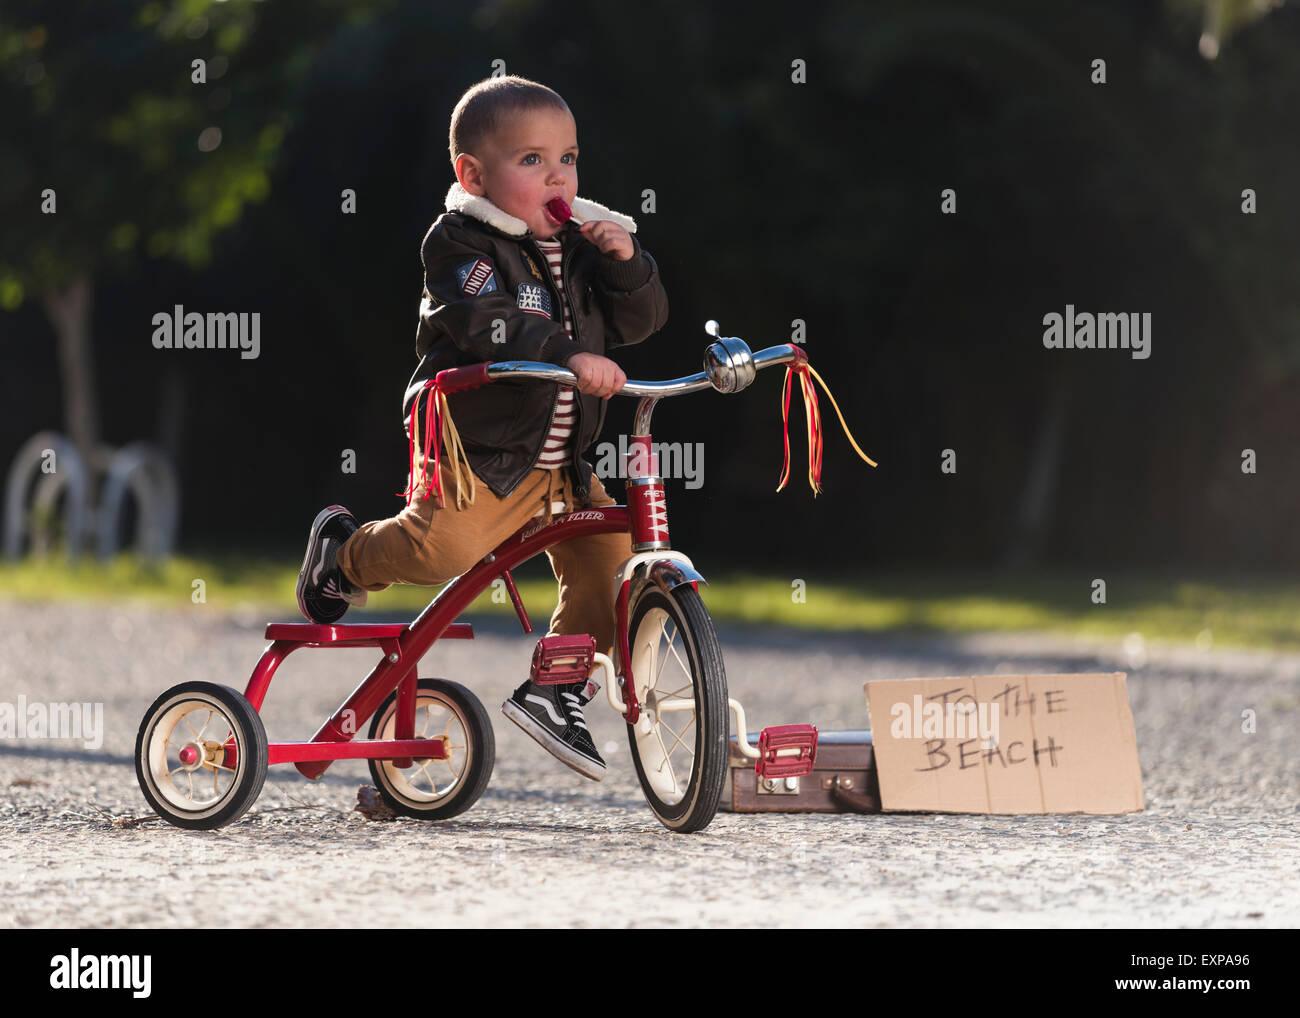 Joven en su bicicleta. Imagen De Stock